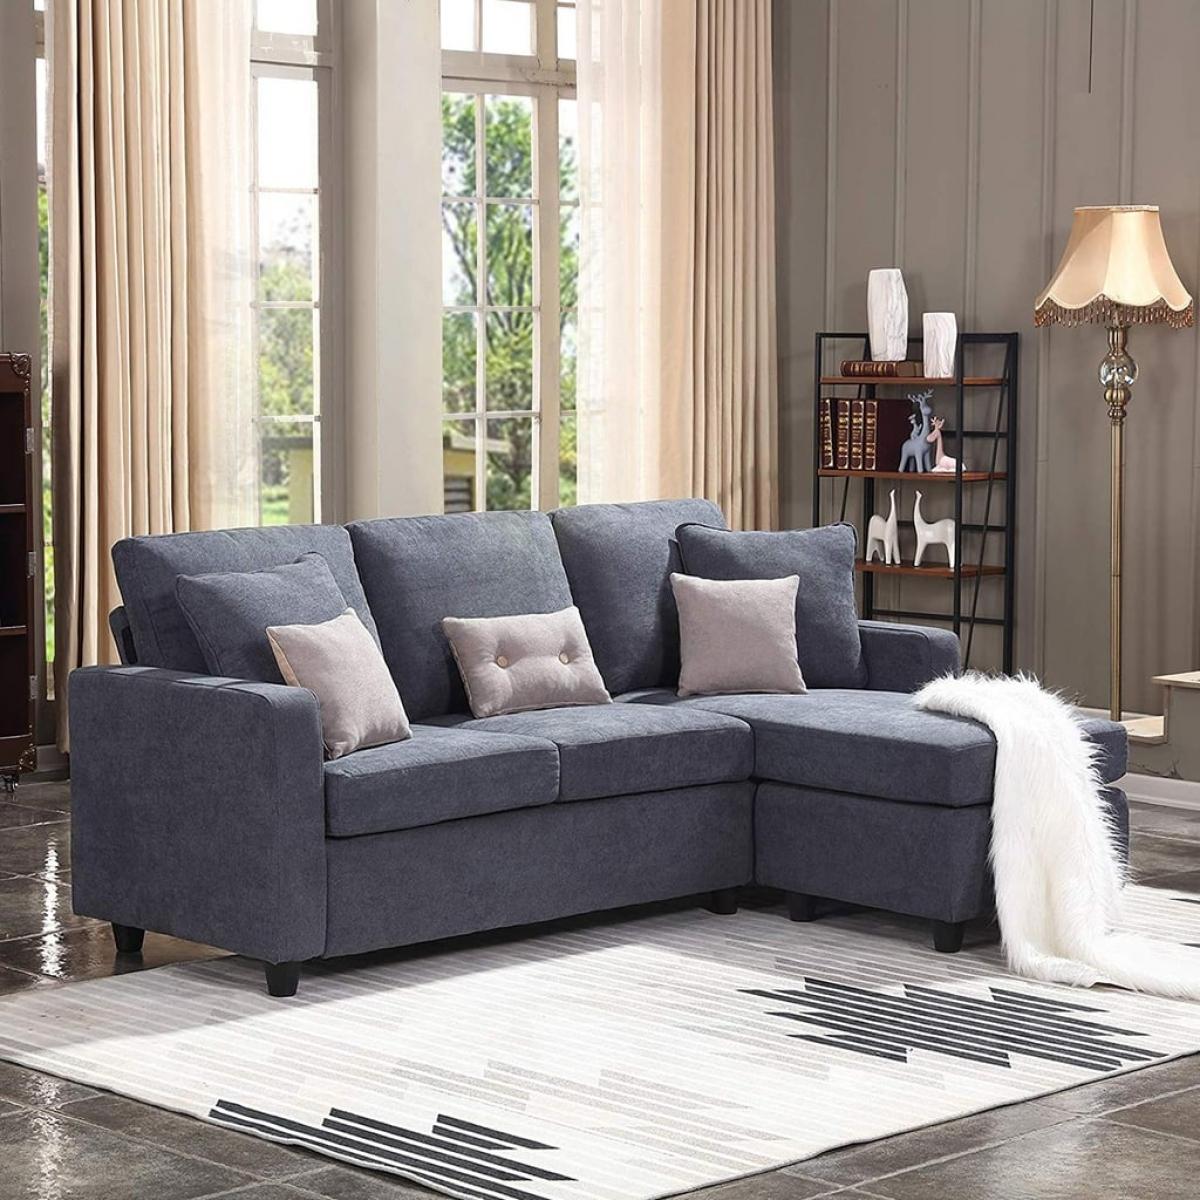 Chất liệu sofa cũng là điều cần quan tâm. Bạn có thể chọn những chiếc sofa chắc chắn với phần đệm dày để đảm bảo sự ấm áp.